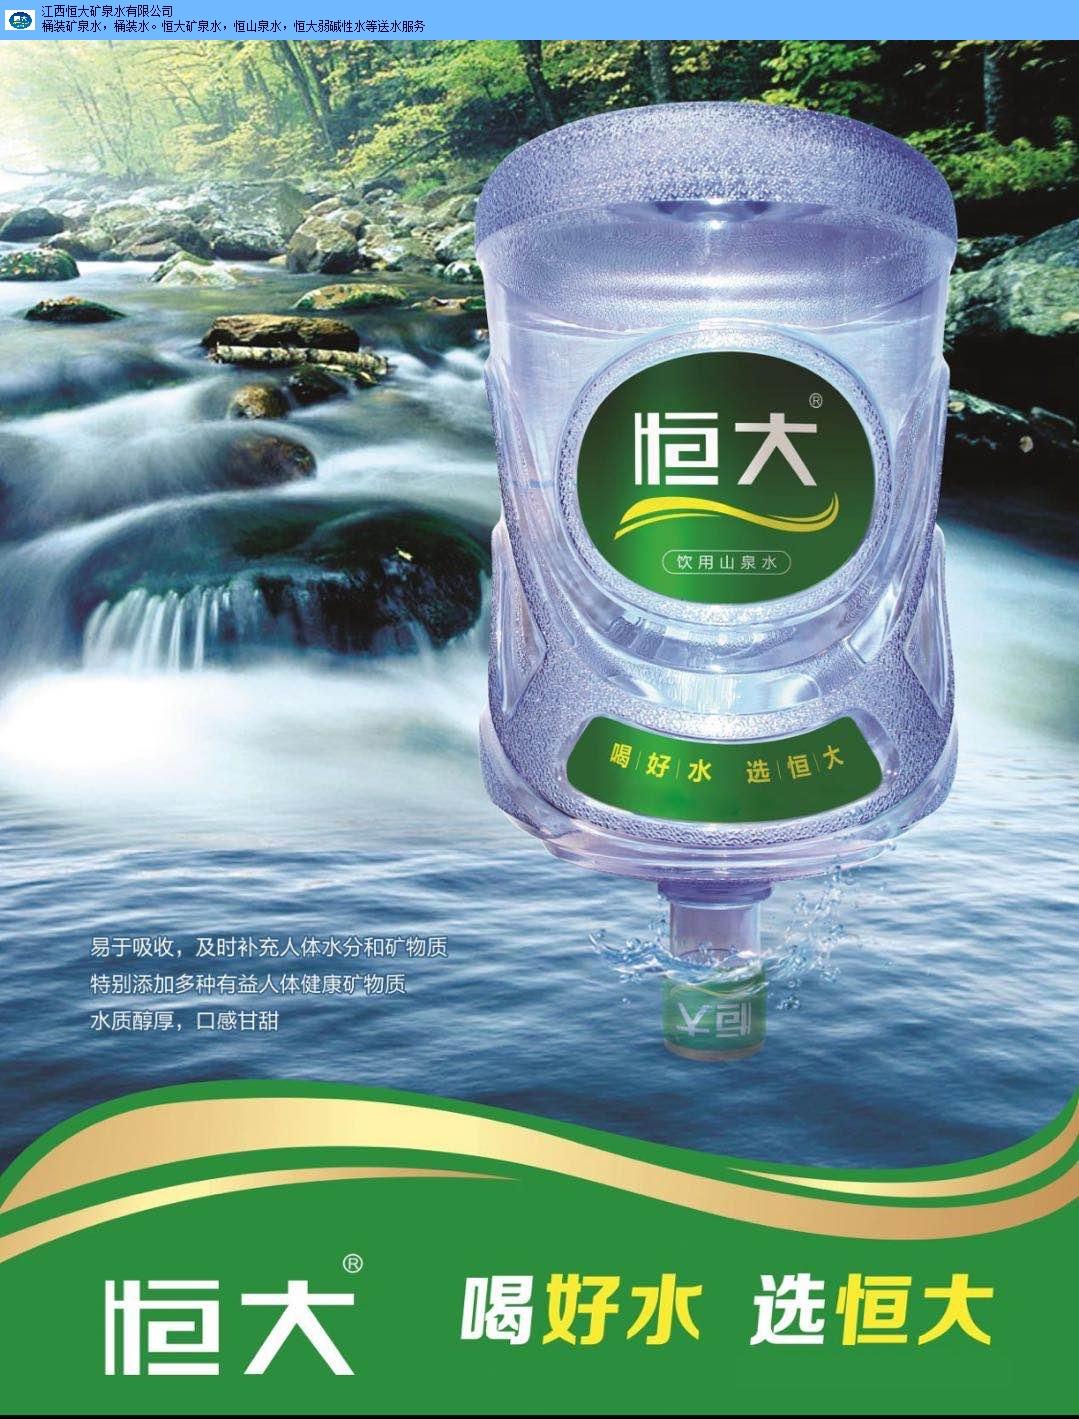 重庆恒大桶装水订水平台 江西恒大矿泉水供应「江西恒大矿泉水供应」